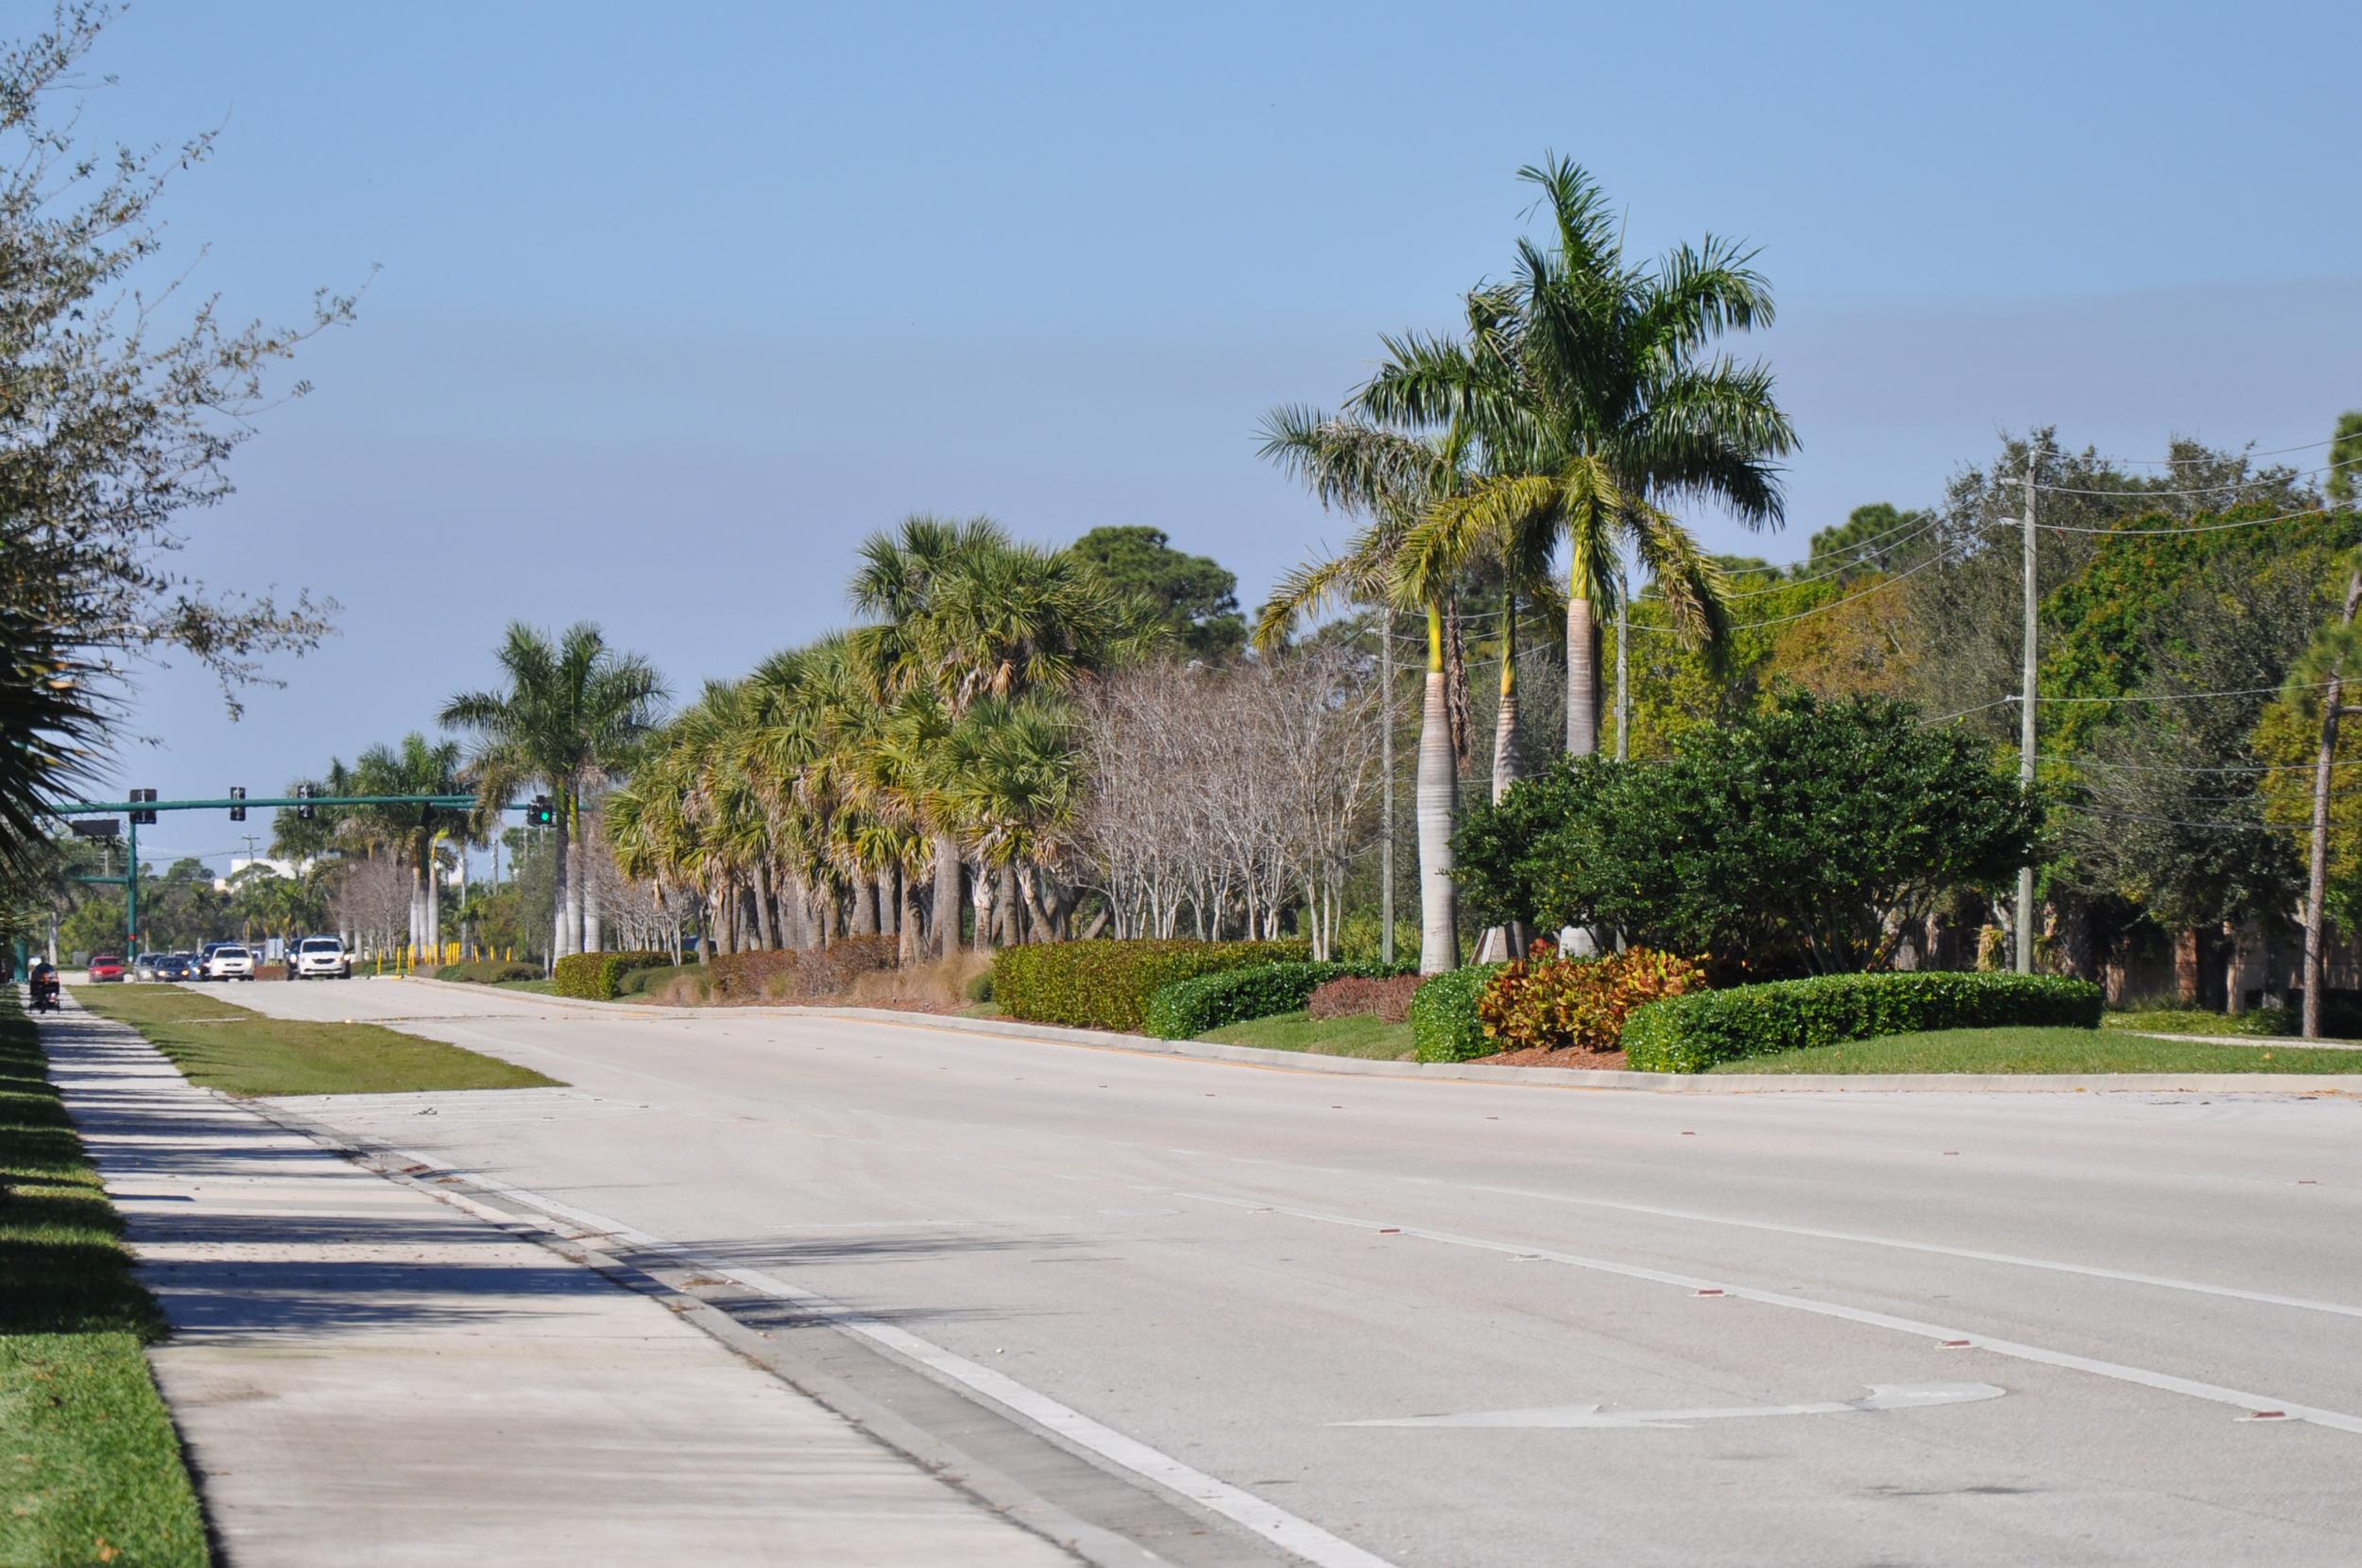 Indian Creek Parkway Jupiter Florida Roadway Landscaping.JPG